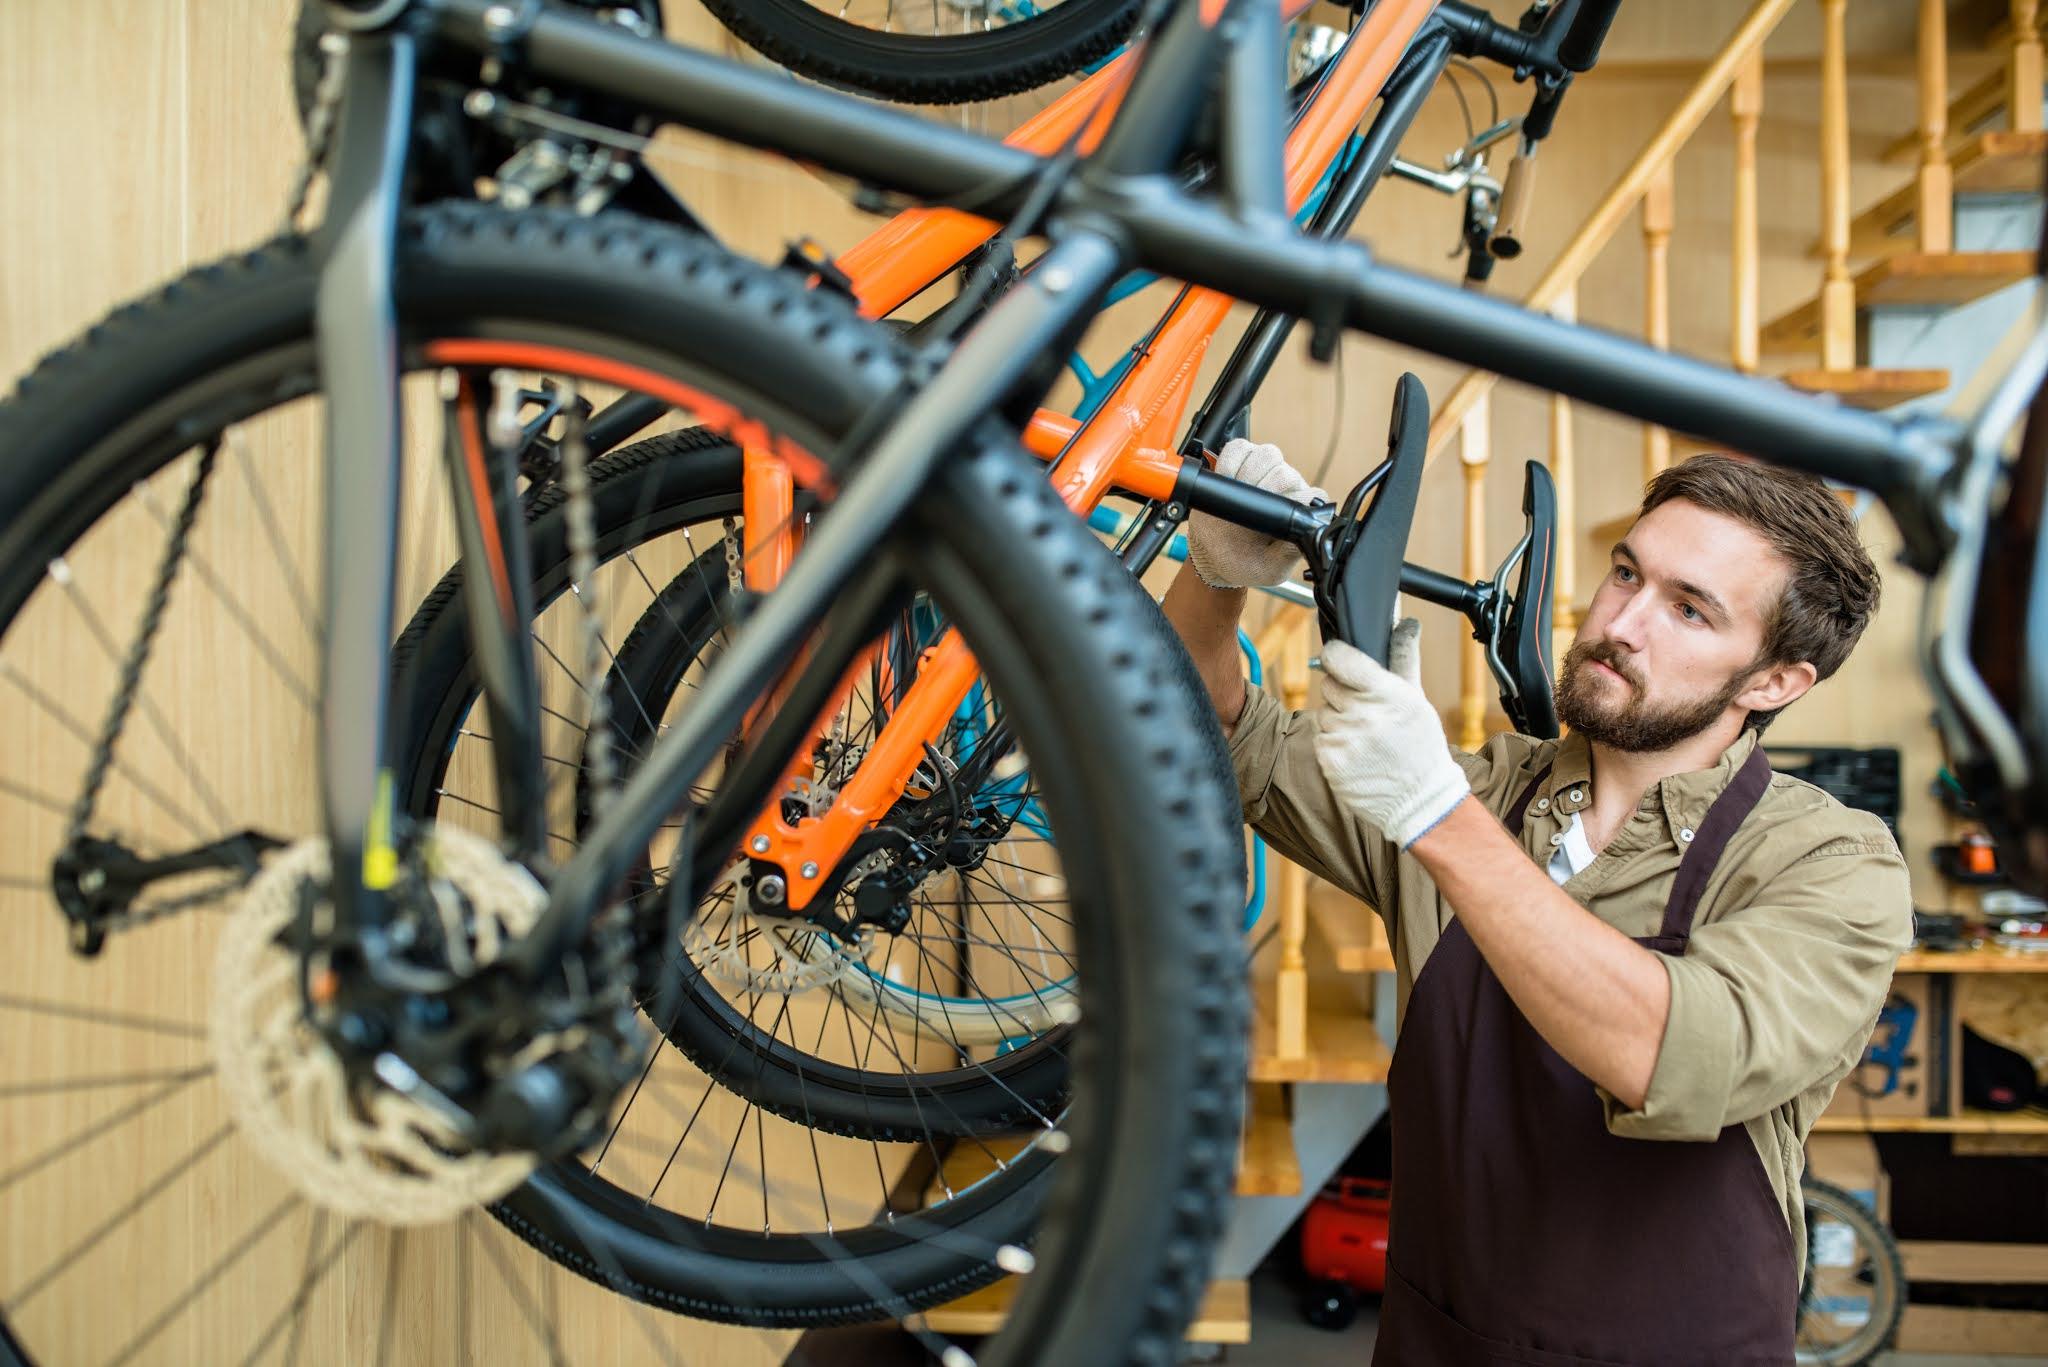 bike basic maintenance